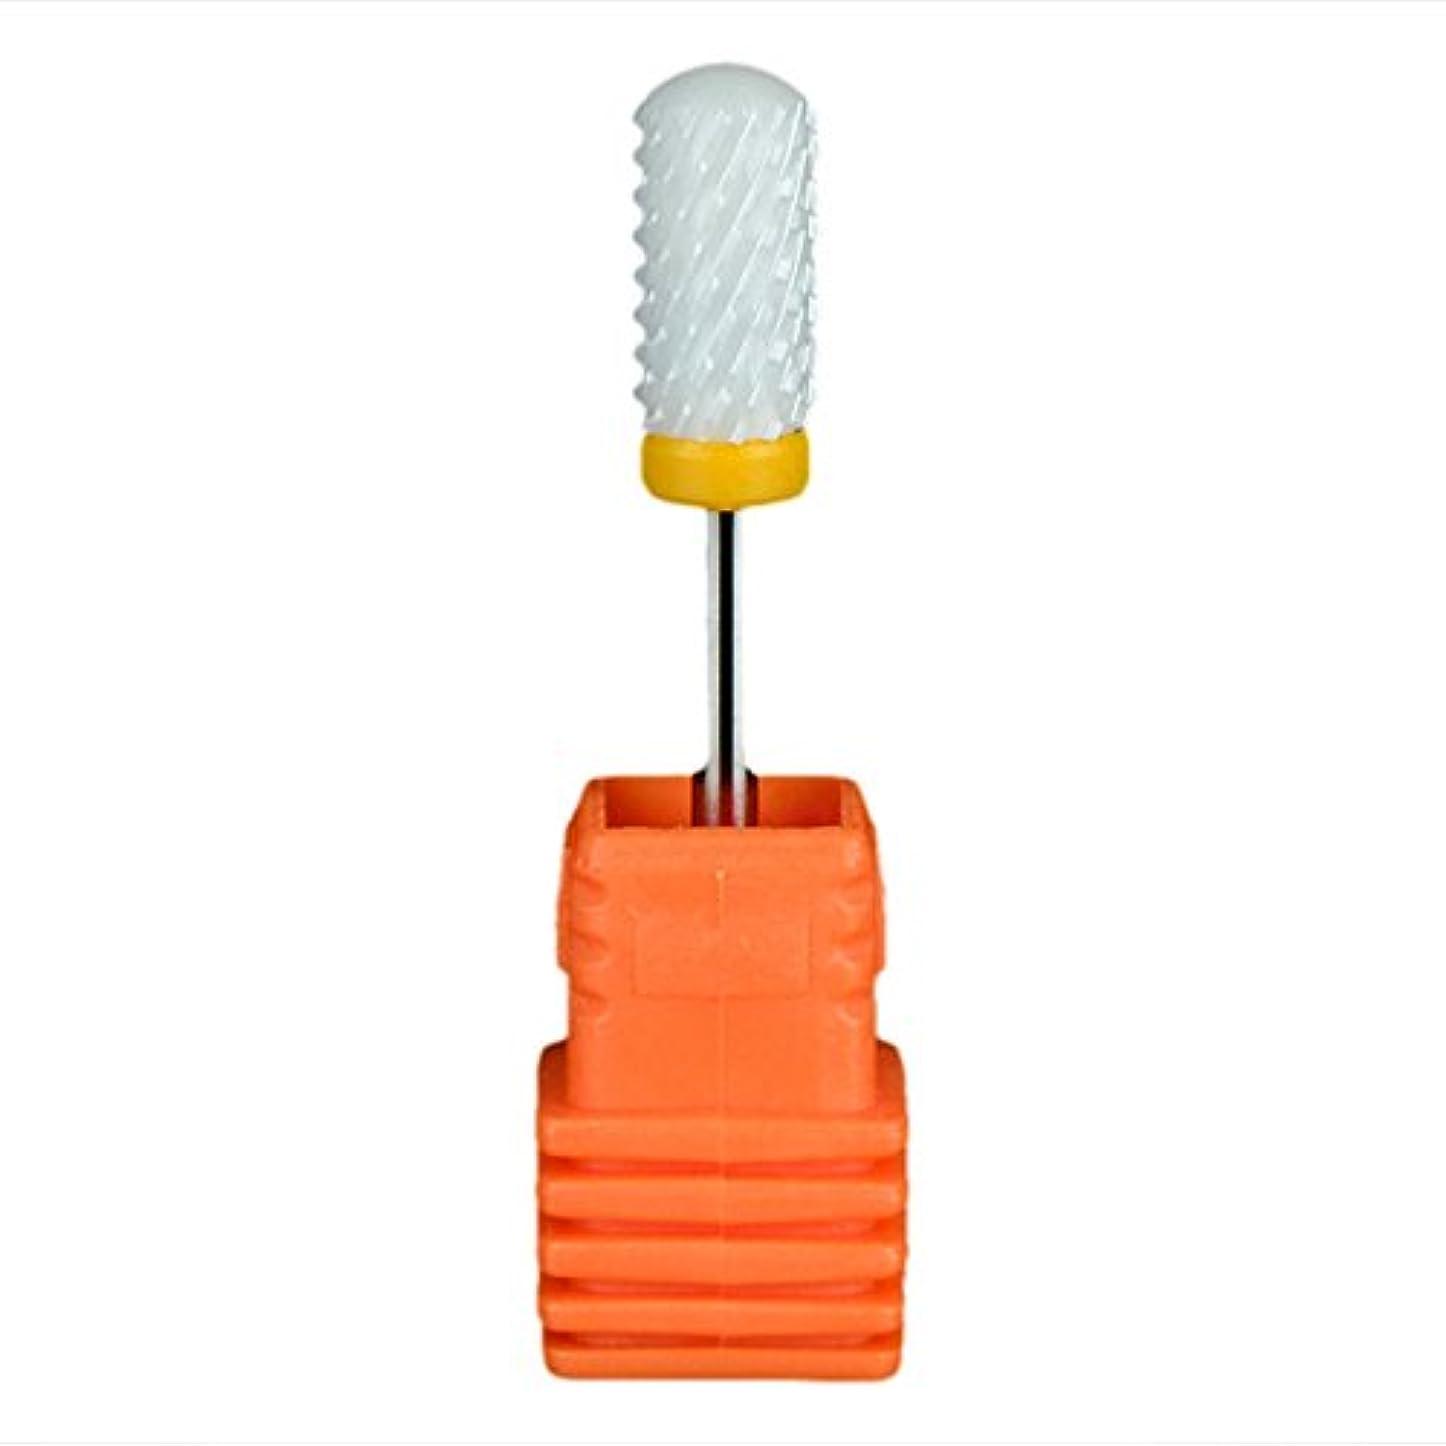 頼む前方へ喜ぶSemoic ネイルセラミックドリルビット 回転ジェルネイルサロンツール 3/32インチのマニキュア ホワイト+オレンジ色